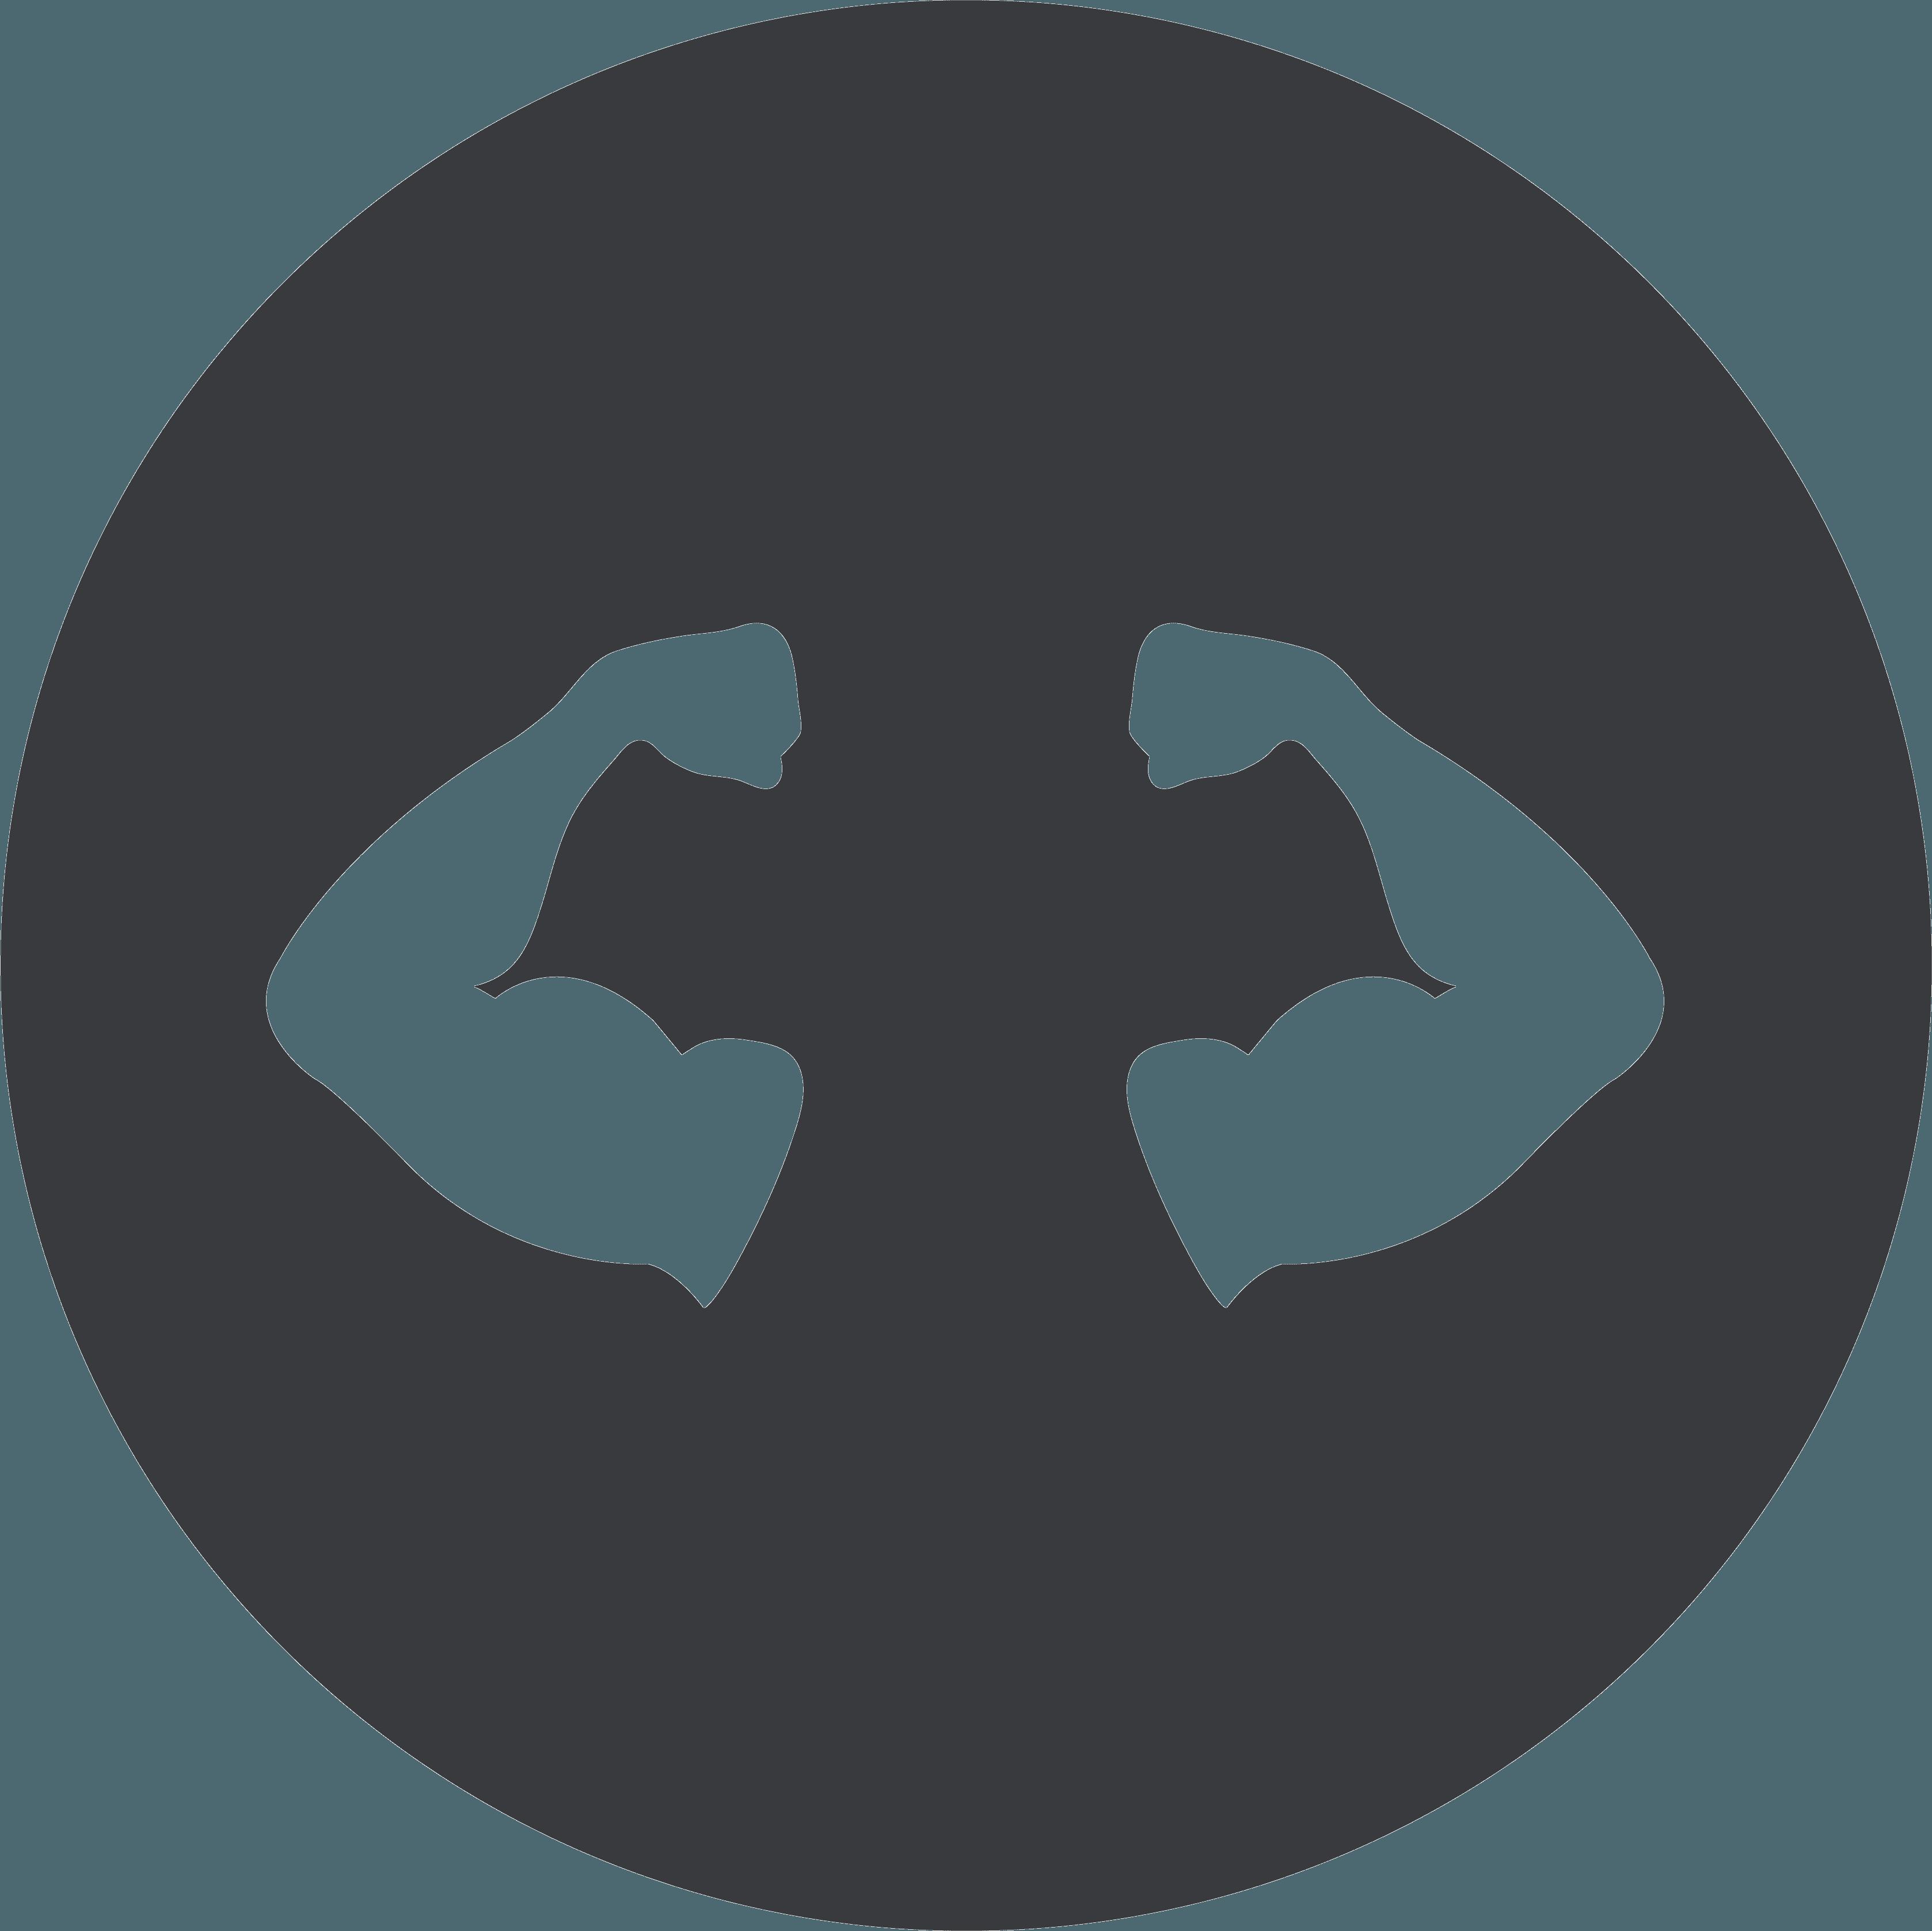 icona muscoli braccia